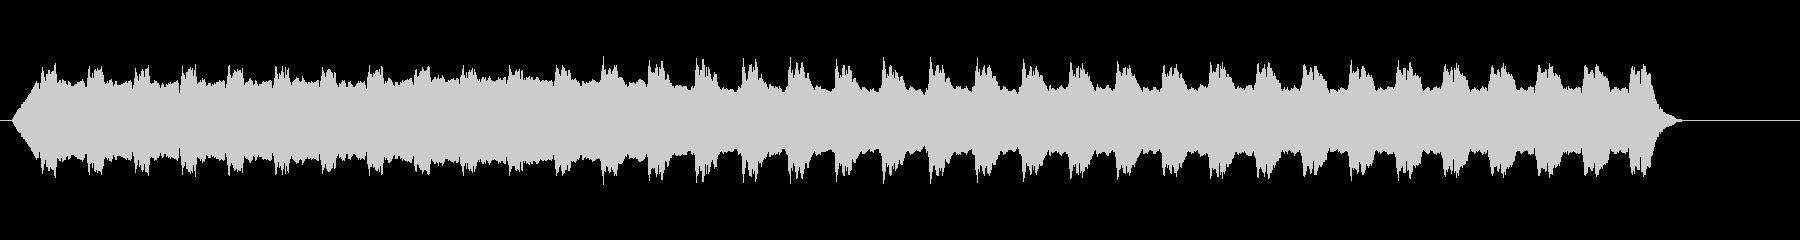 サイレンブラジルパトカー-1の未再生の波形